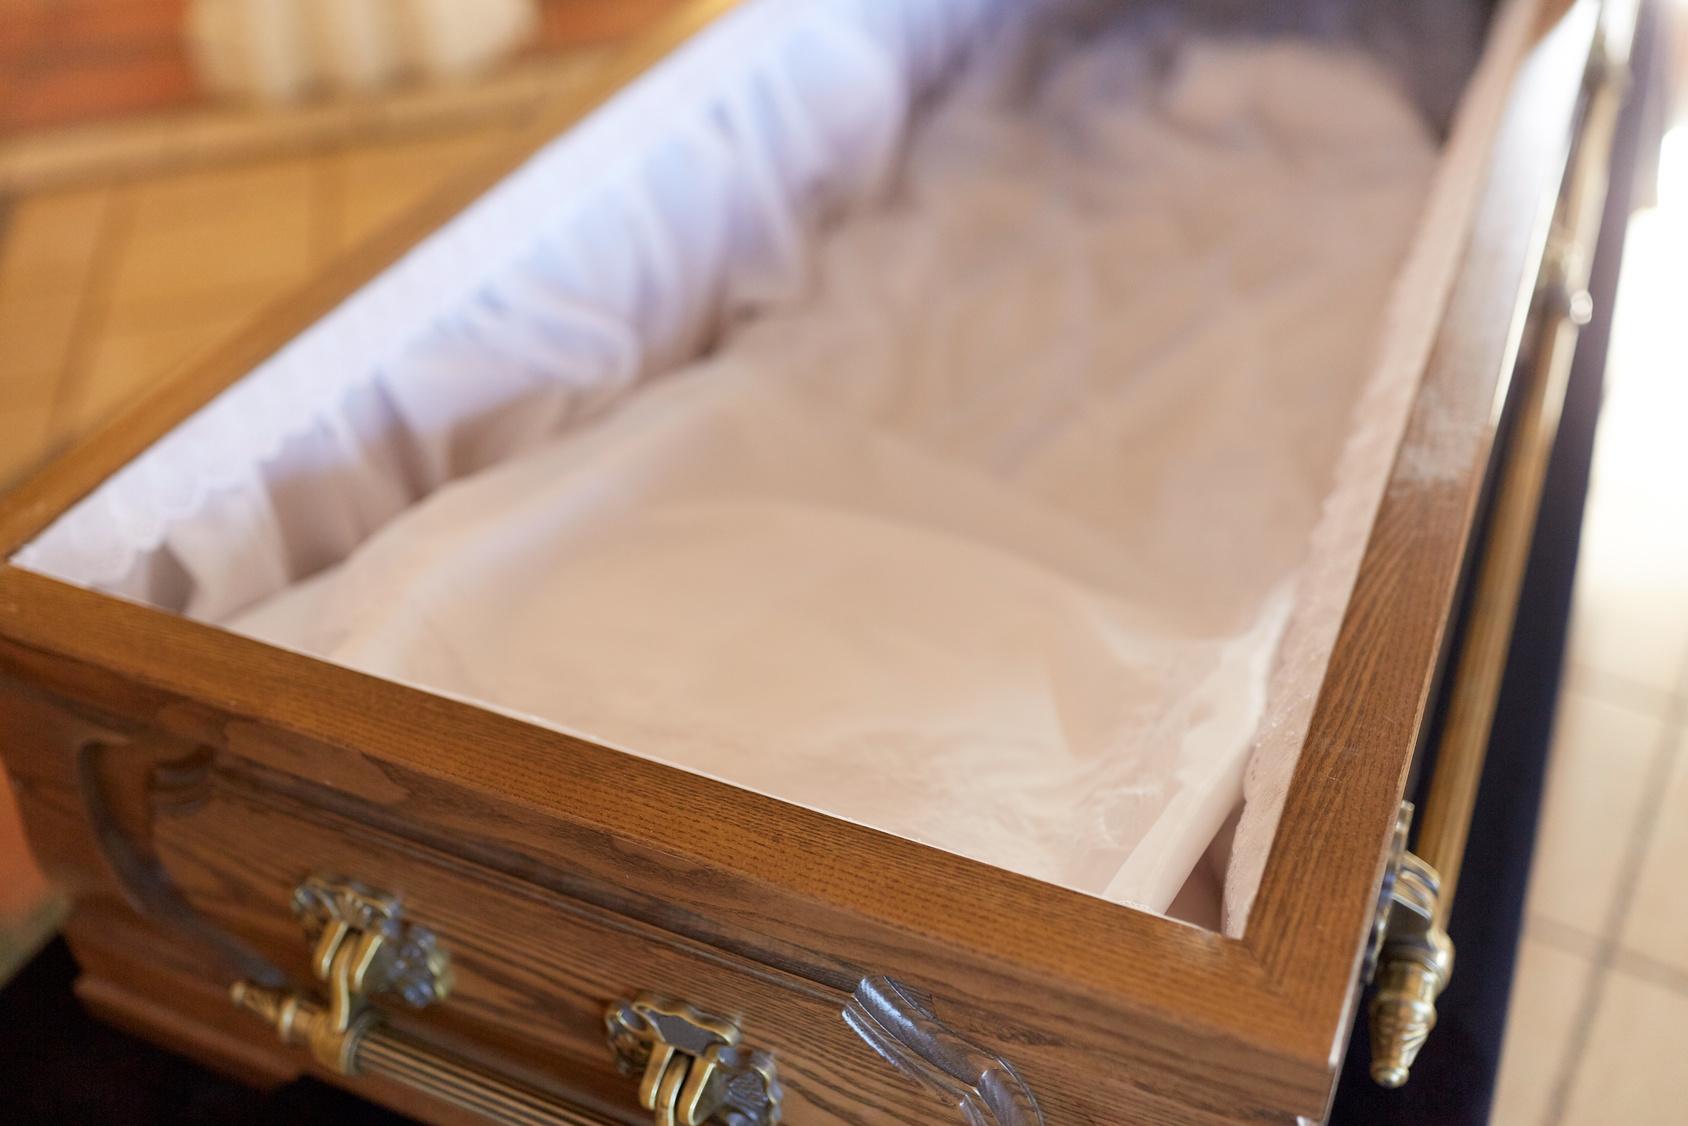 Nach fast 30 Jahren: Polizei will Leiche vom Vierjährigem exhumieren